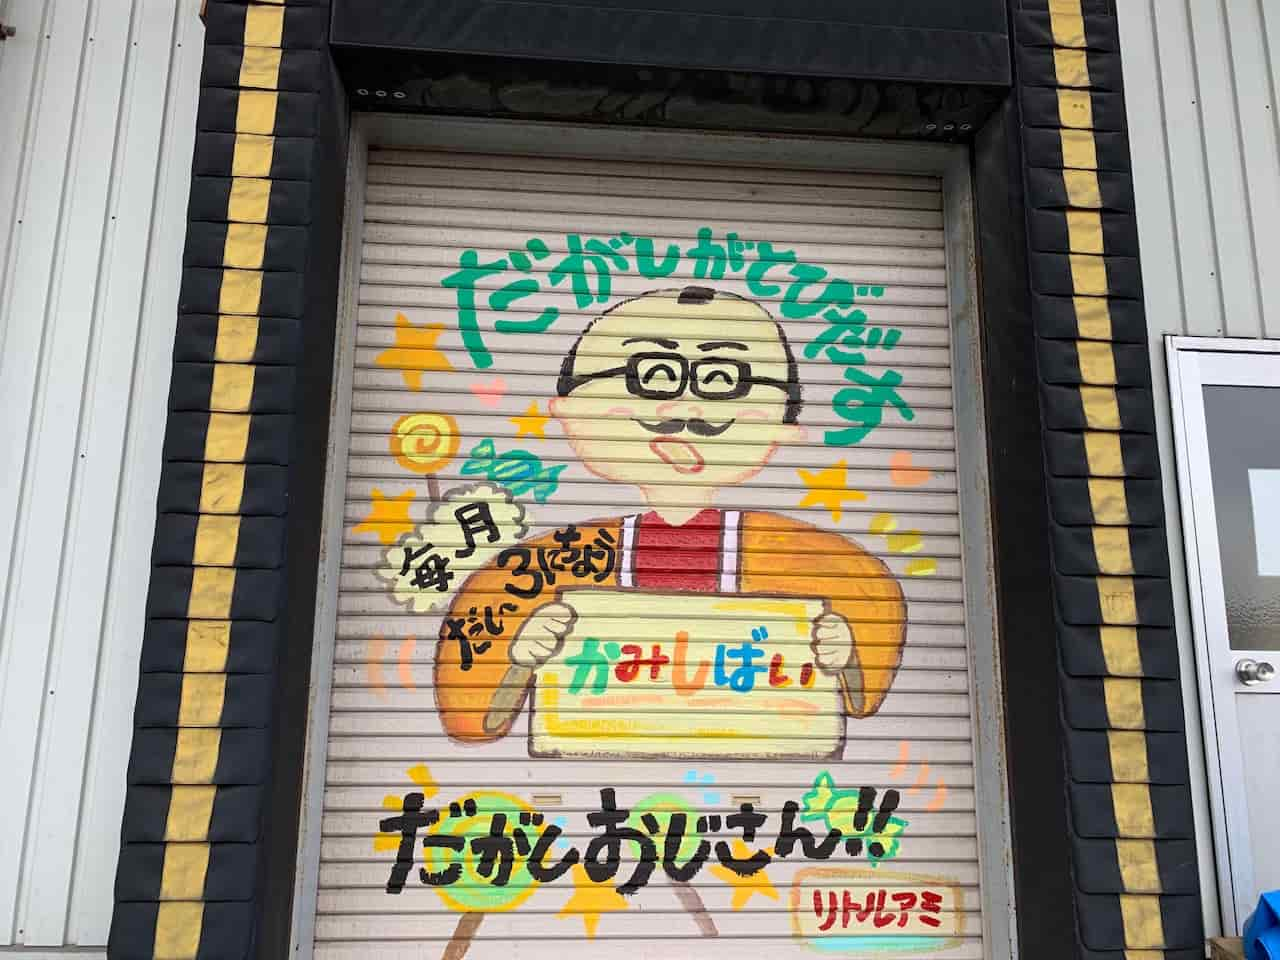 日本一のだがし売り場の看板